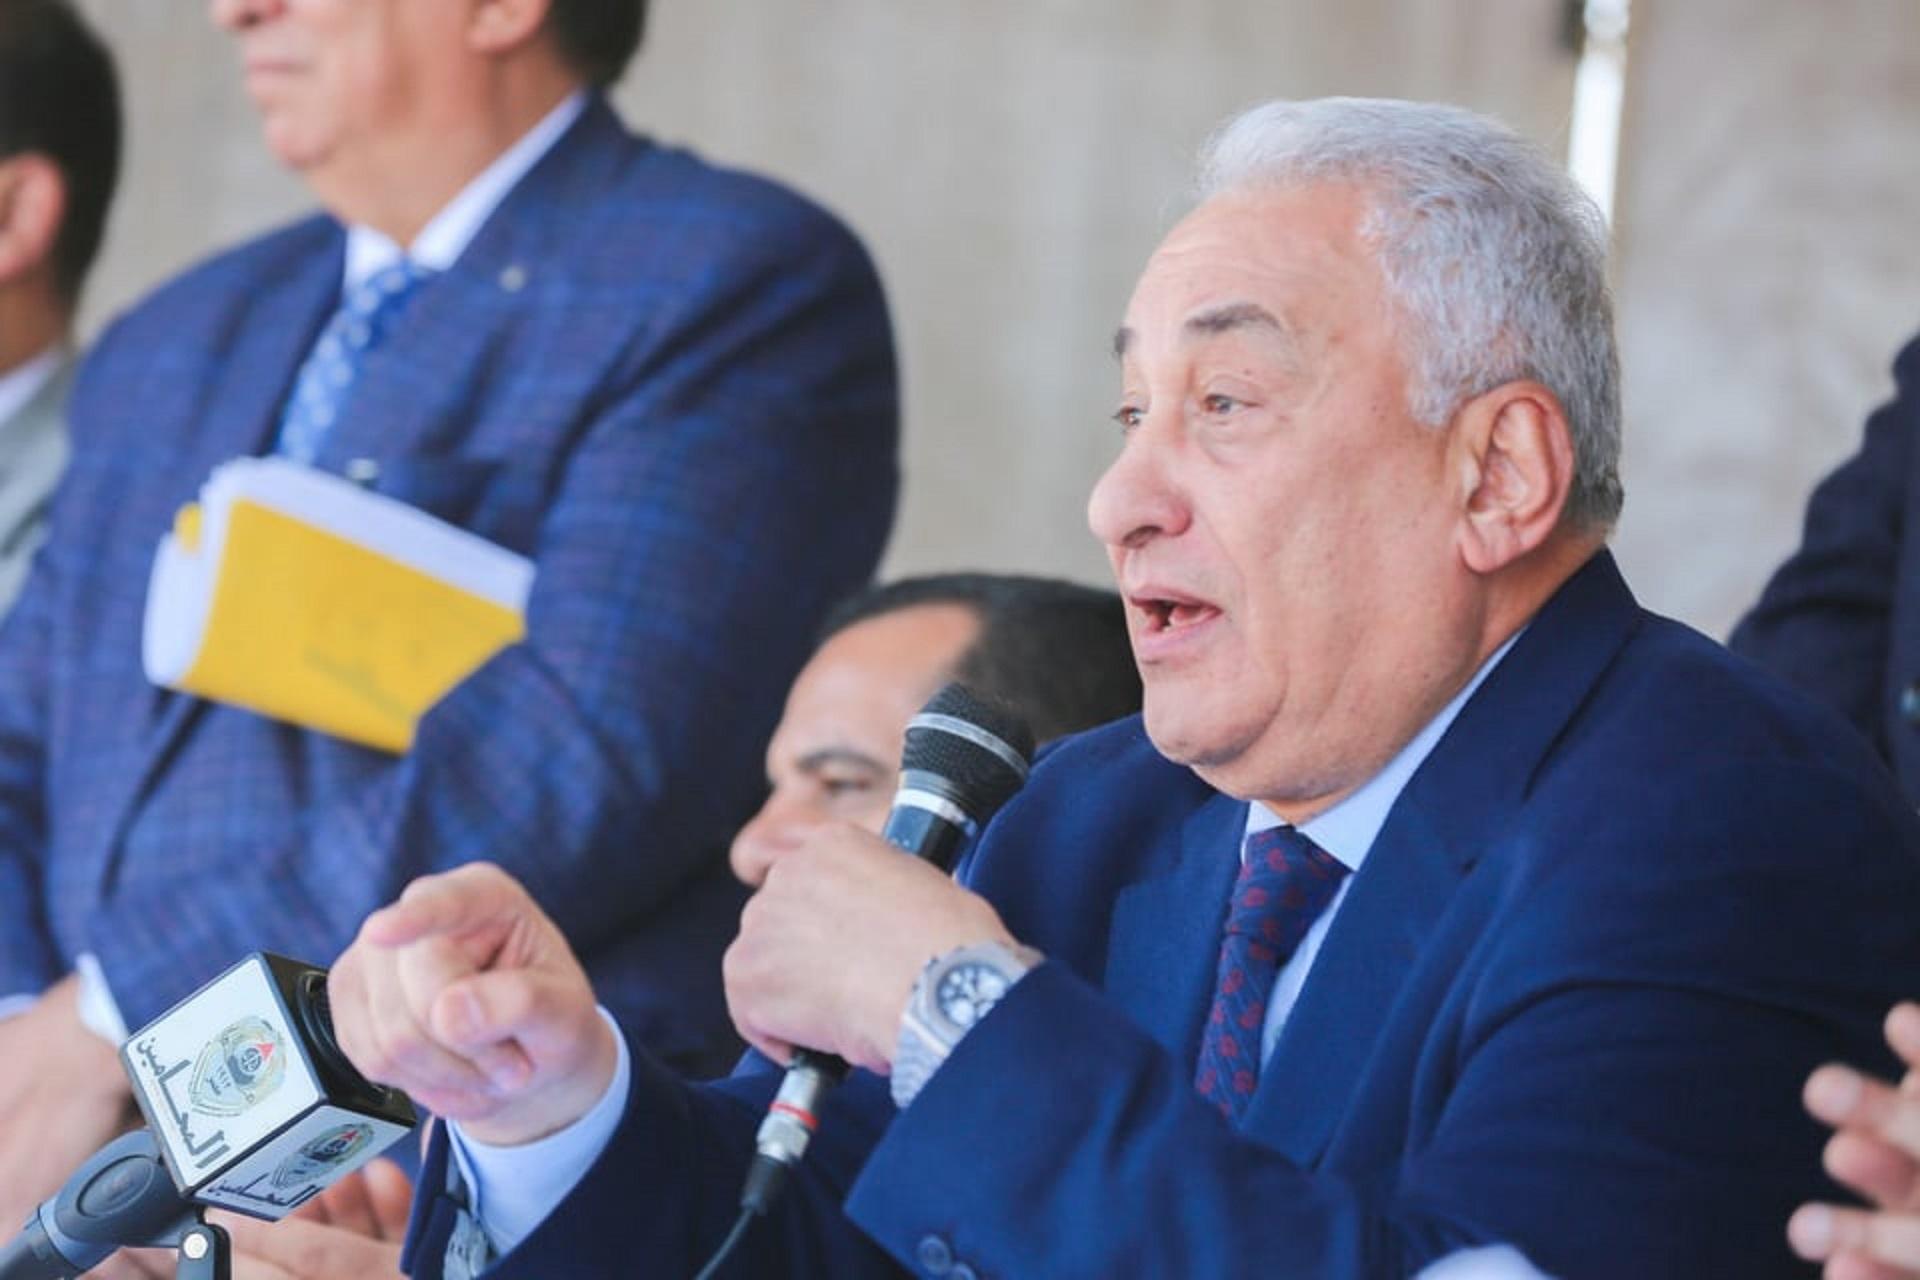 نقيب المحامين ينتقد بيان الاتحاد الأوربي بشأن القبض على إيطالي